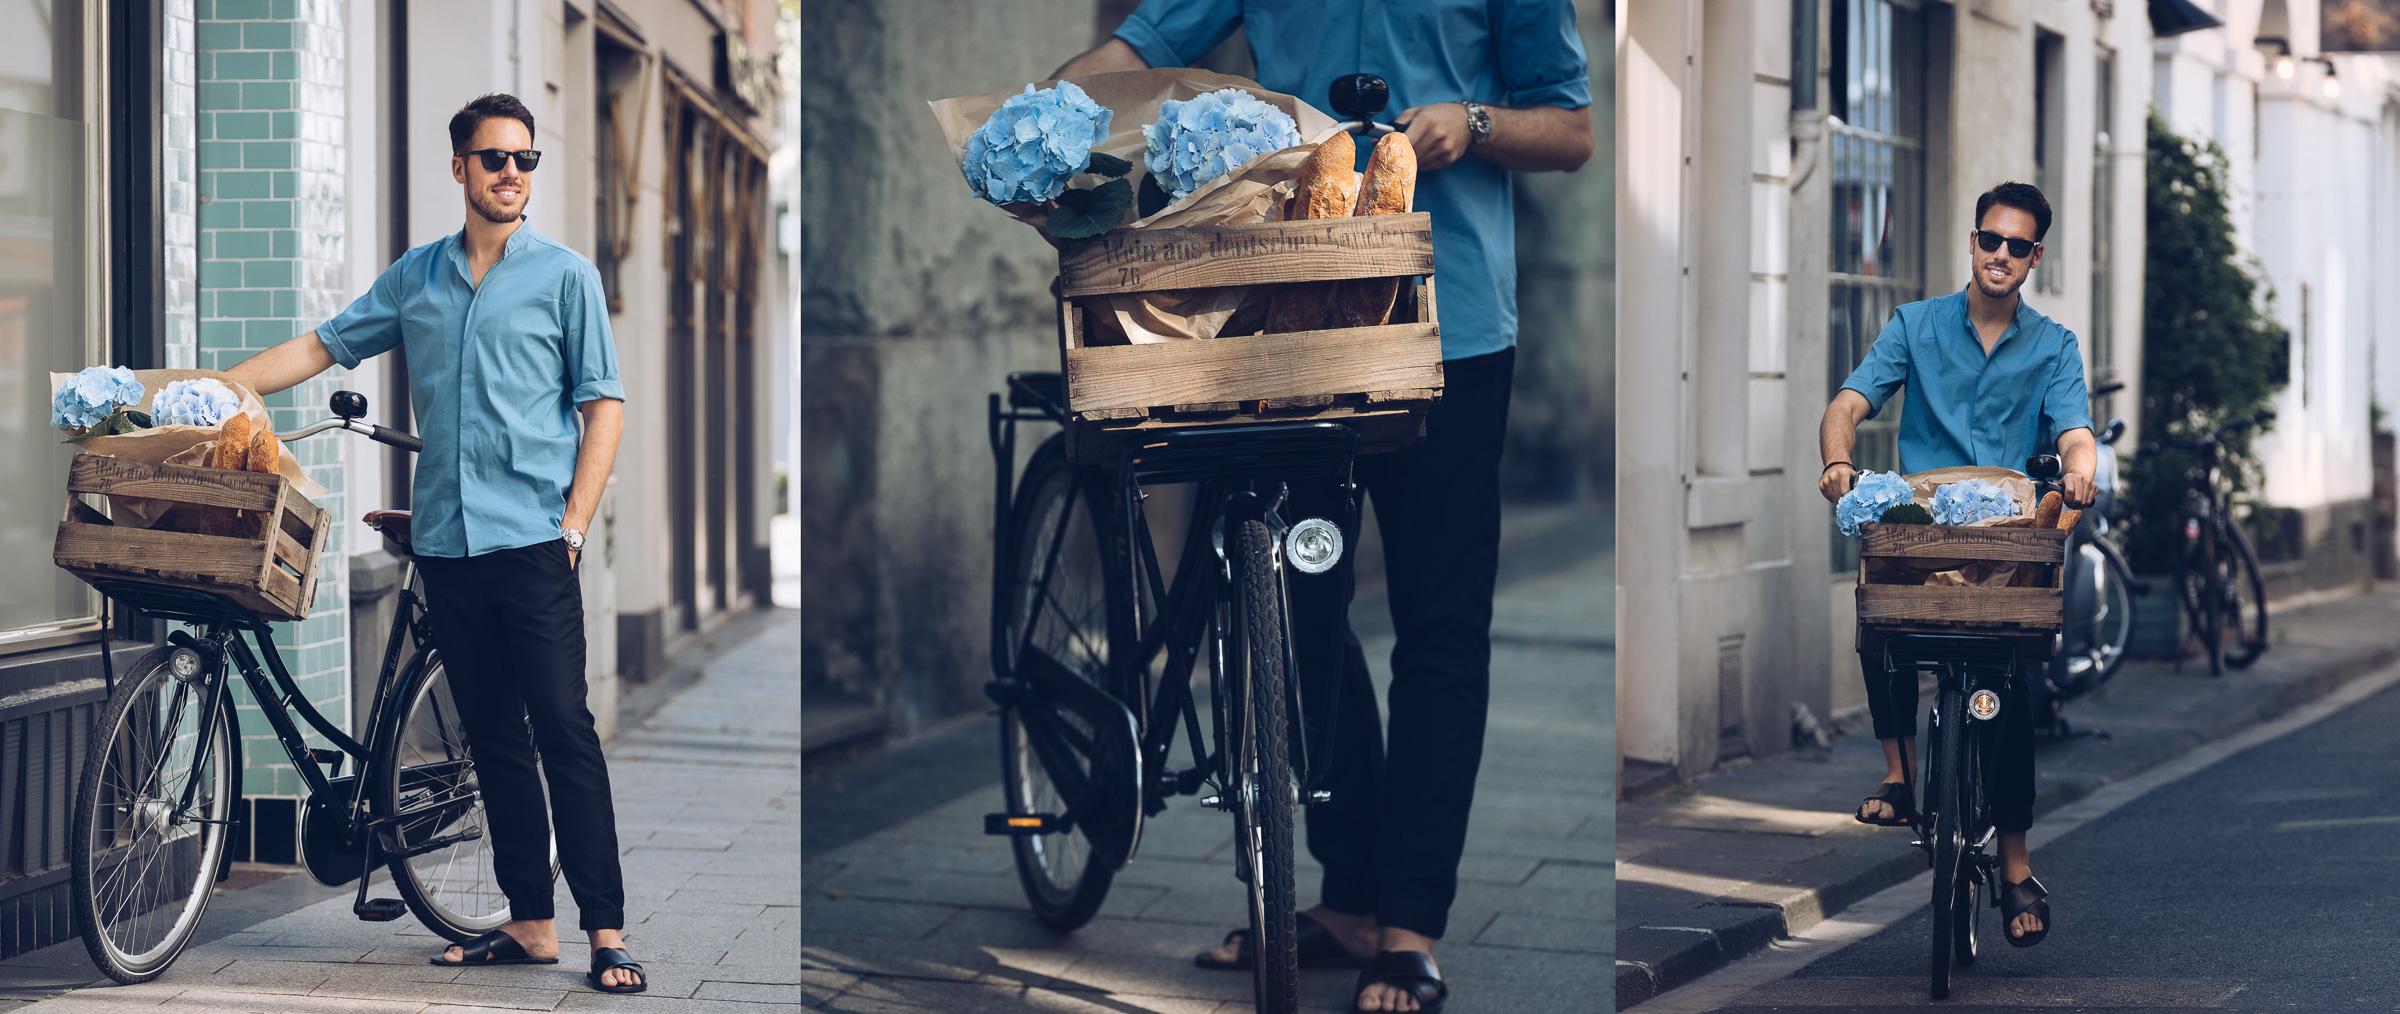 Bike Sebastian Schmidt by Rose Time 2